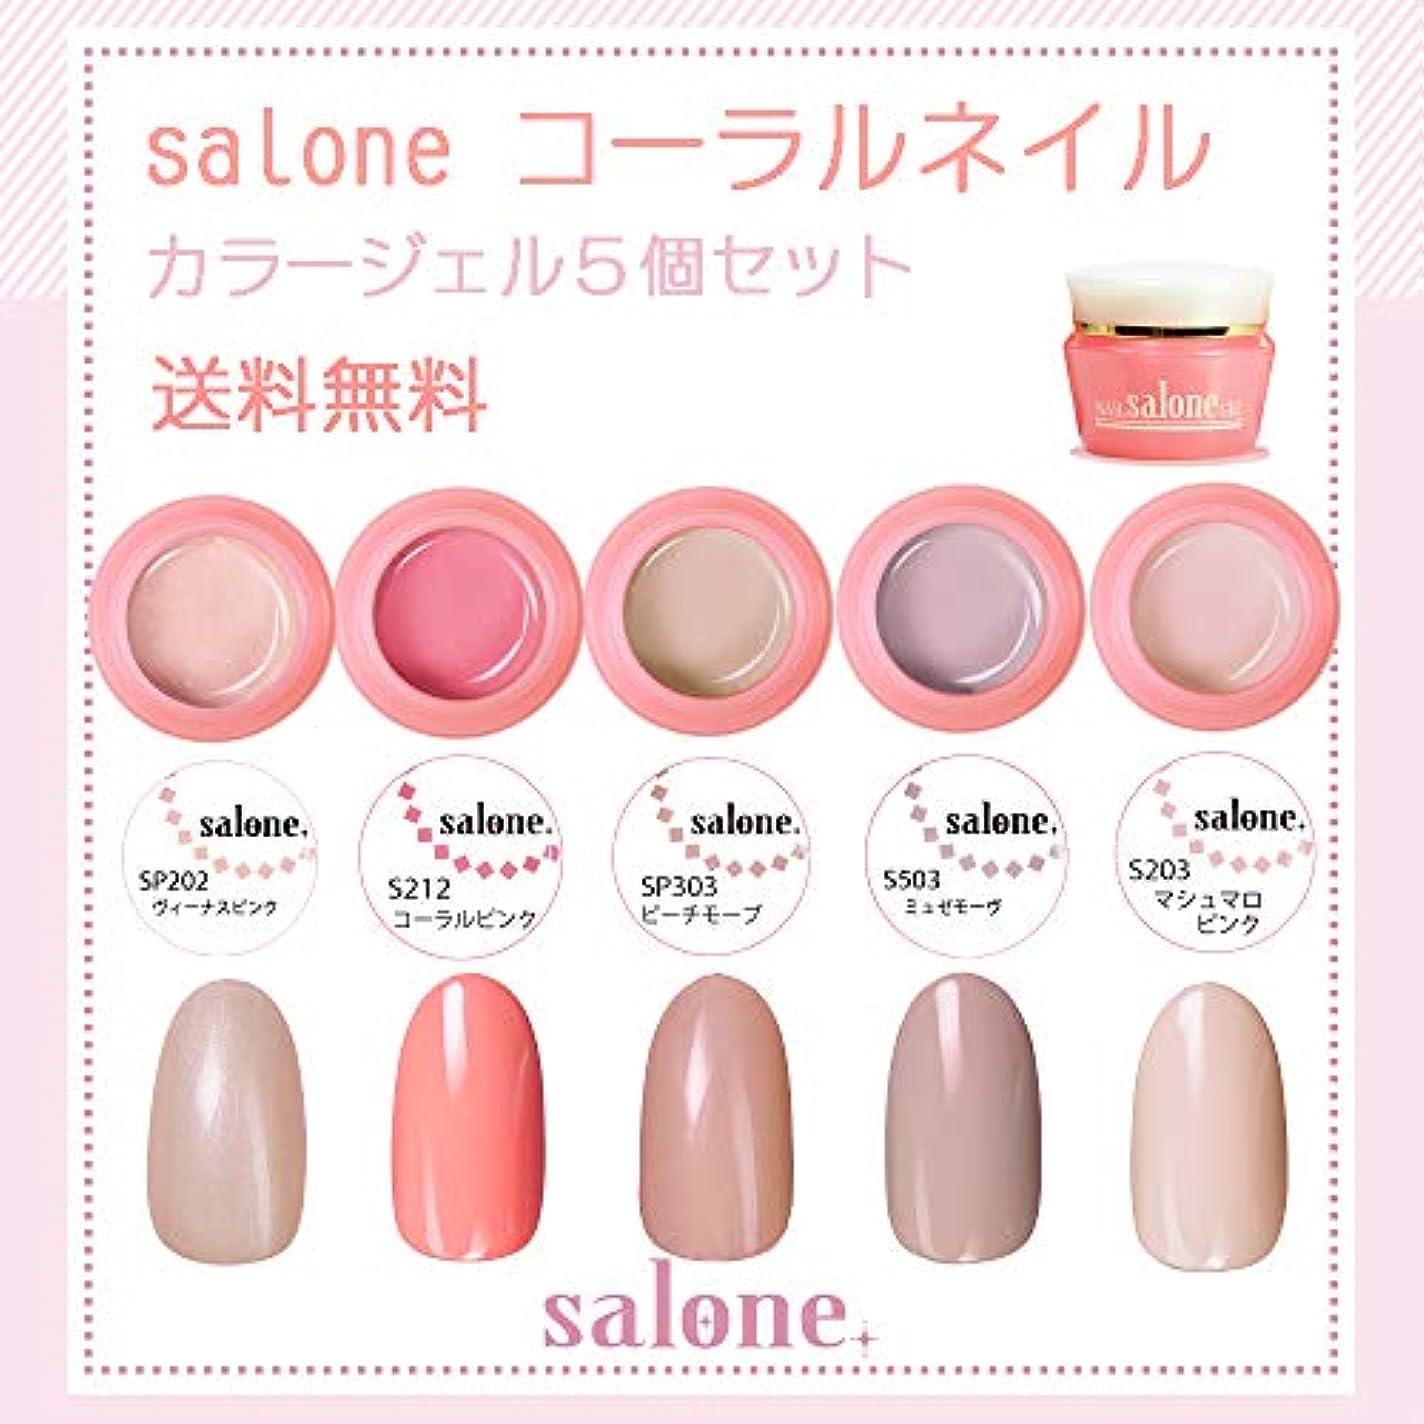 頼る勧めるうなる【送料無料 日本製】Salone コーラルネイル カラージェル5個セット 明るくて肌なじみの良い人気カラーをチョイスしました。